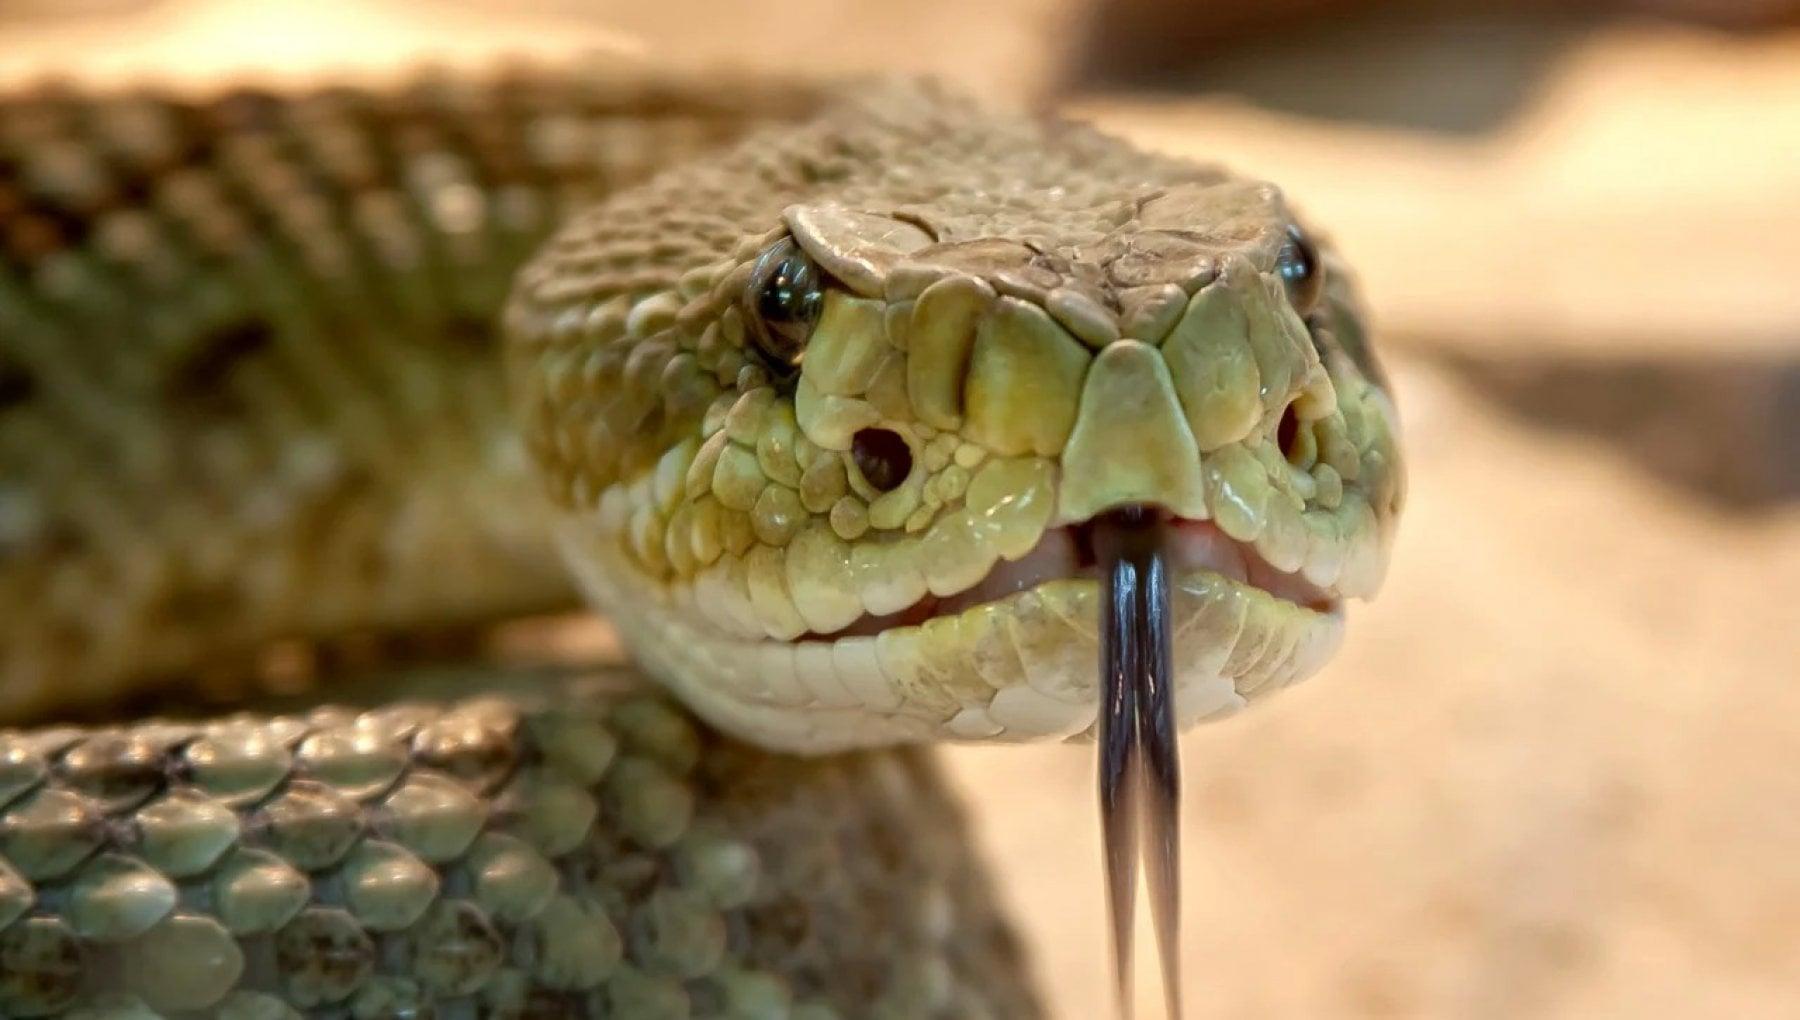 141535374 11e55517 44f7 4a51 95cb 35fc4cb1bdff - Repubblica ceca, bimba di 8 anni morsa da un serpente a sonagli in giardino